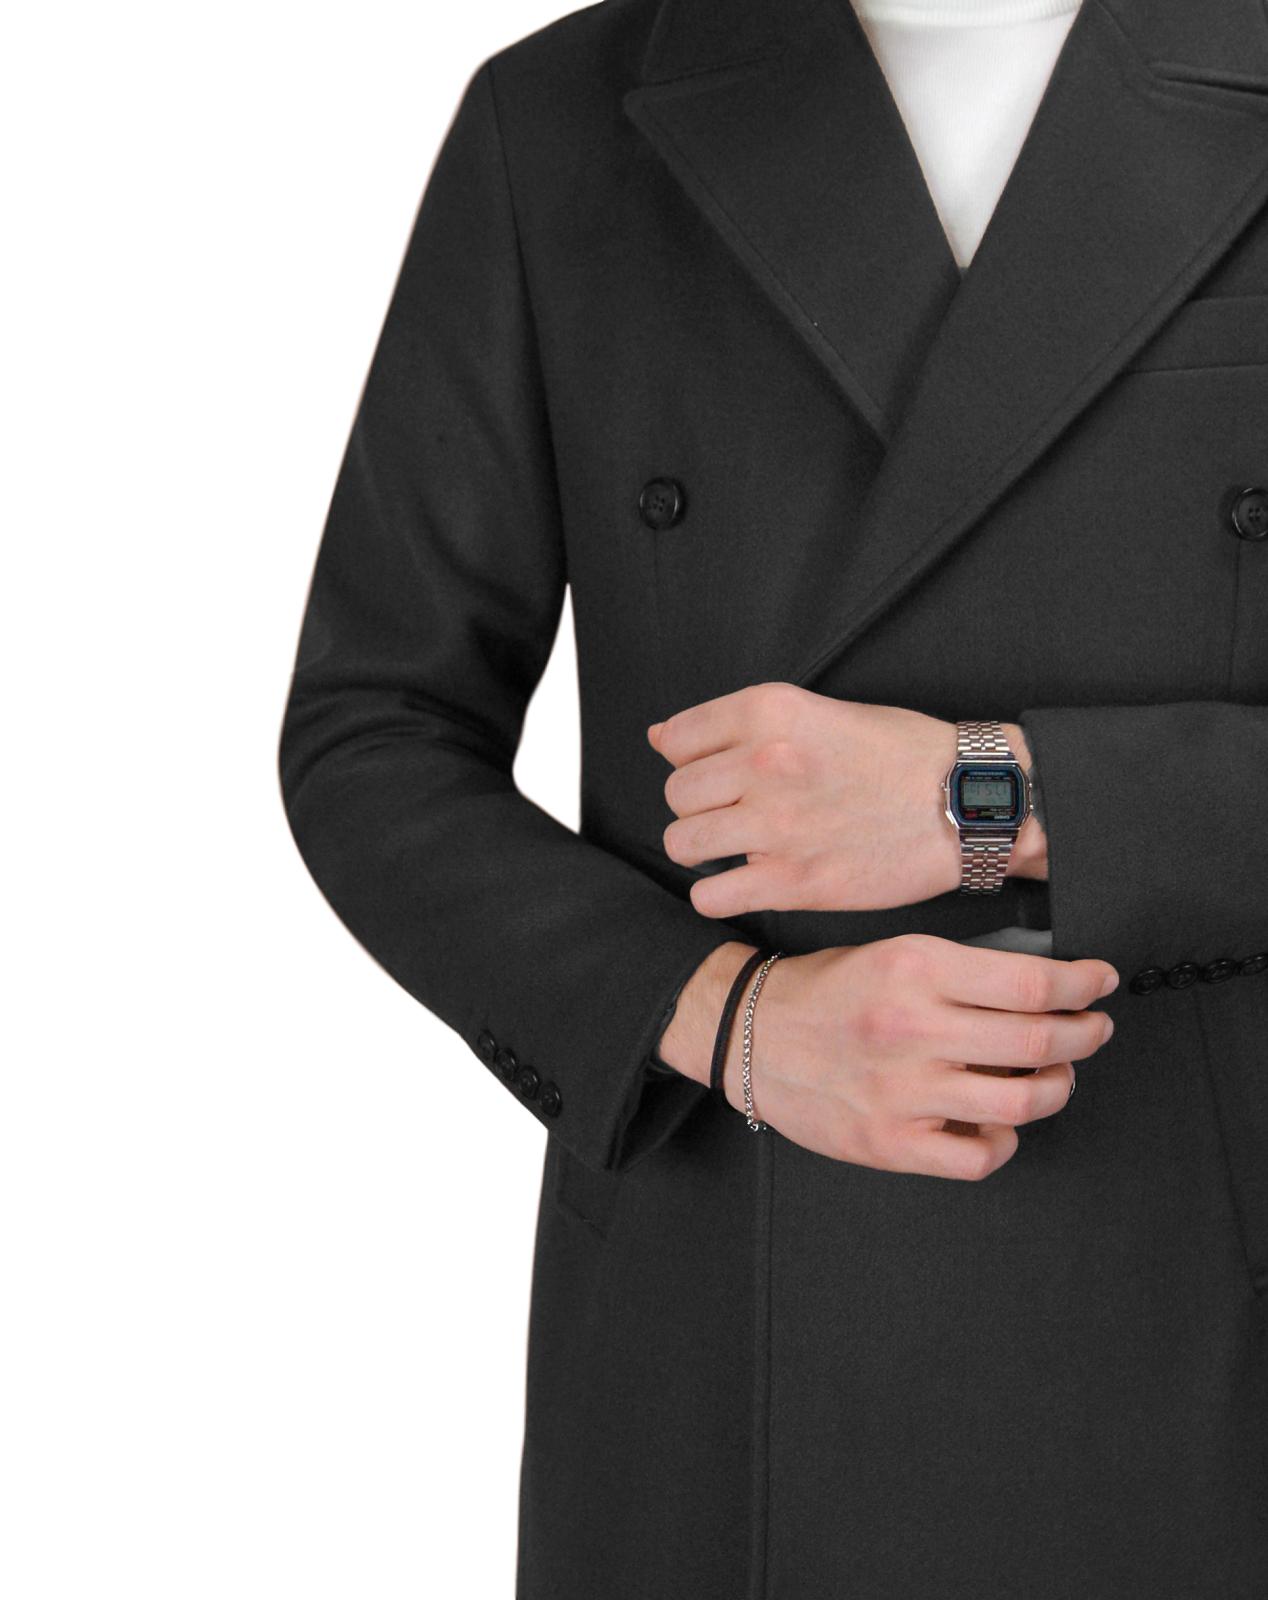 Cappotto-Doppio-Petto-Uomo-Invernale-Cappottino-Elegante-Lungo-Trench miniatura 14